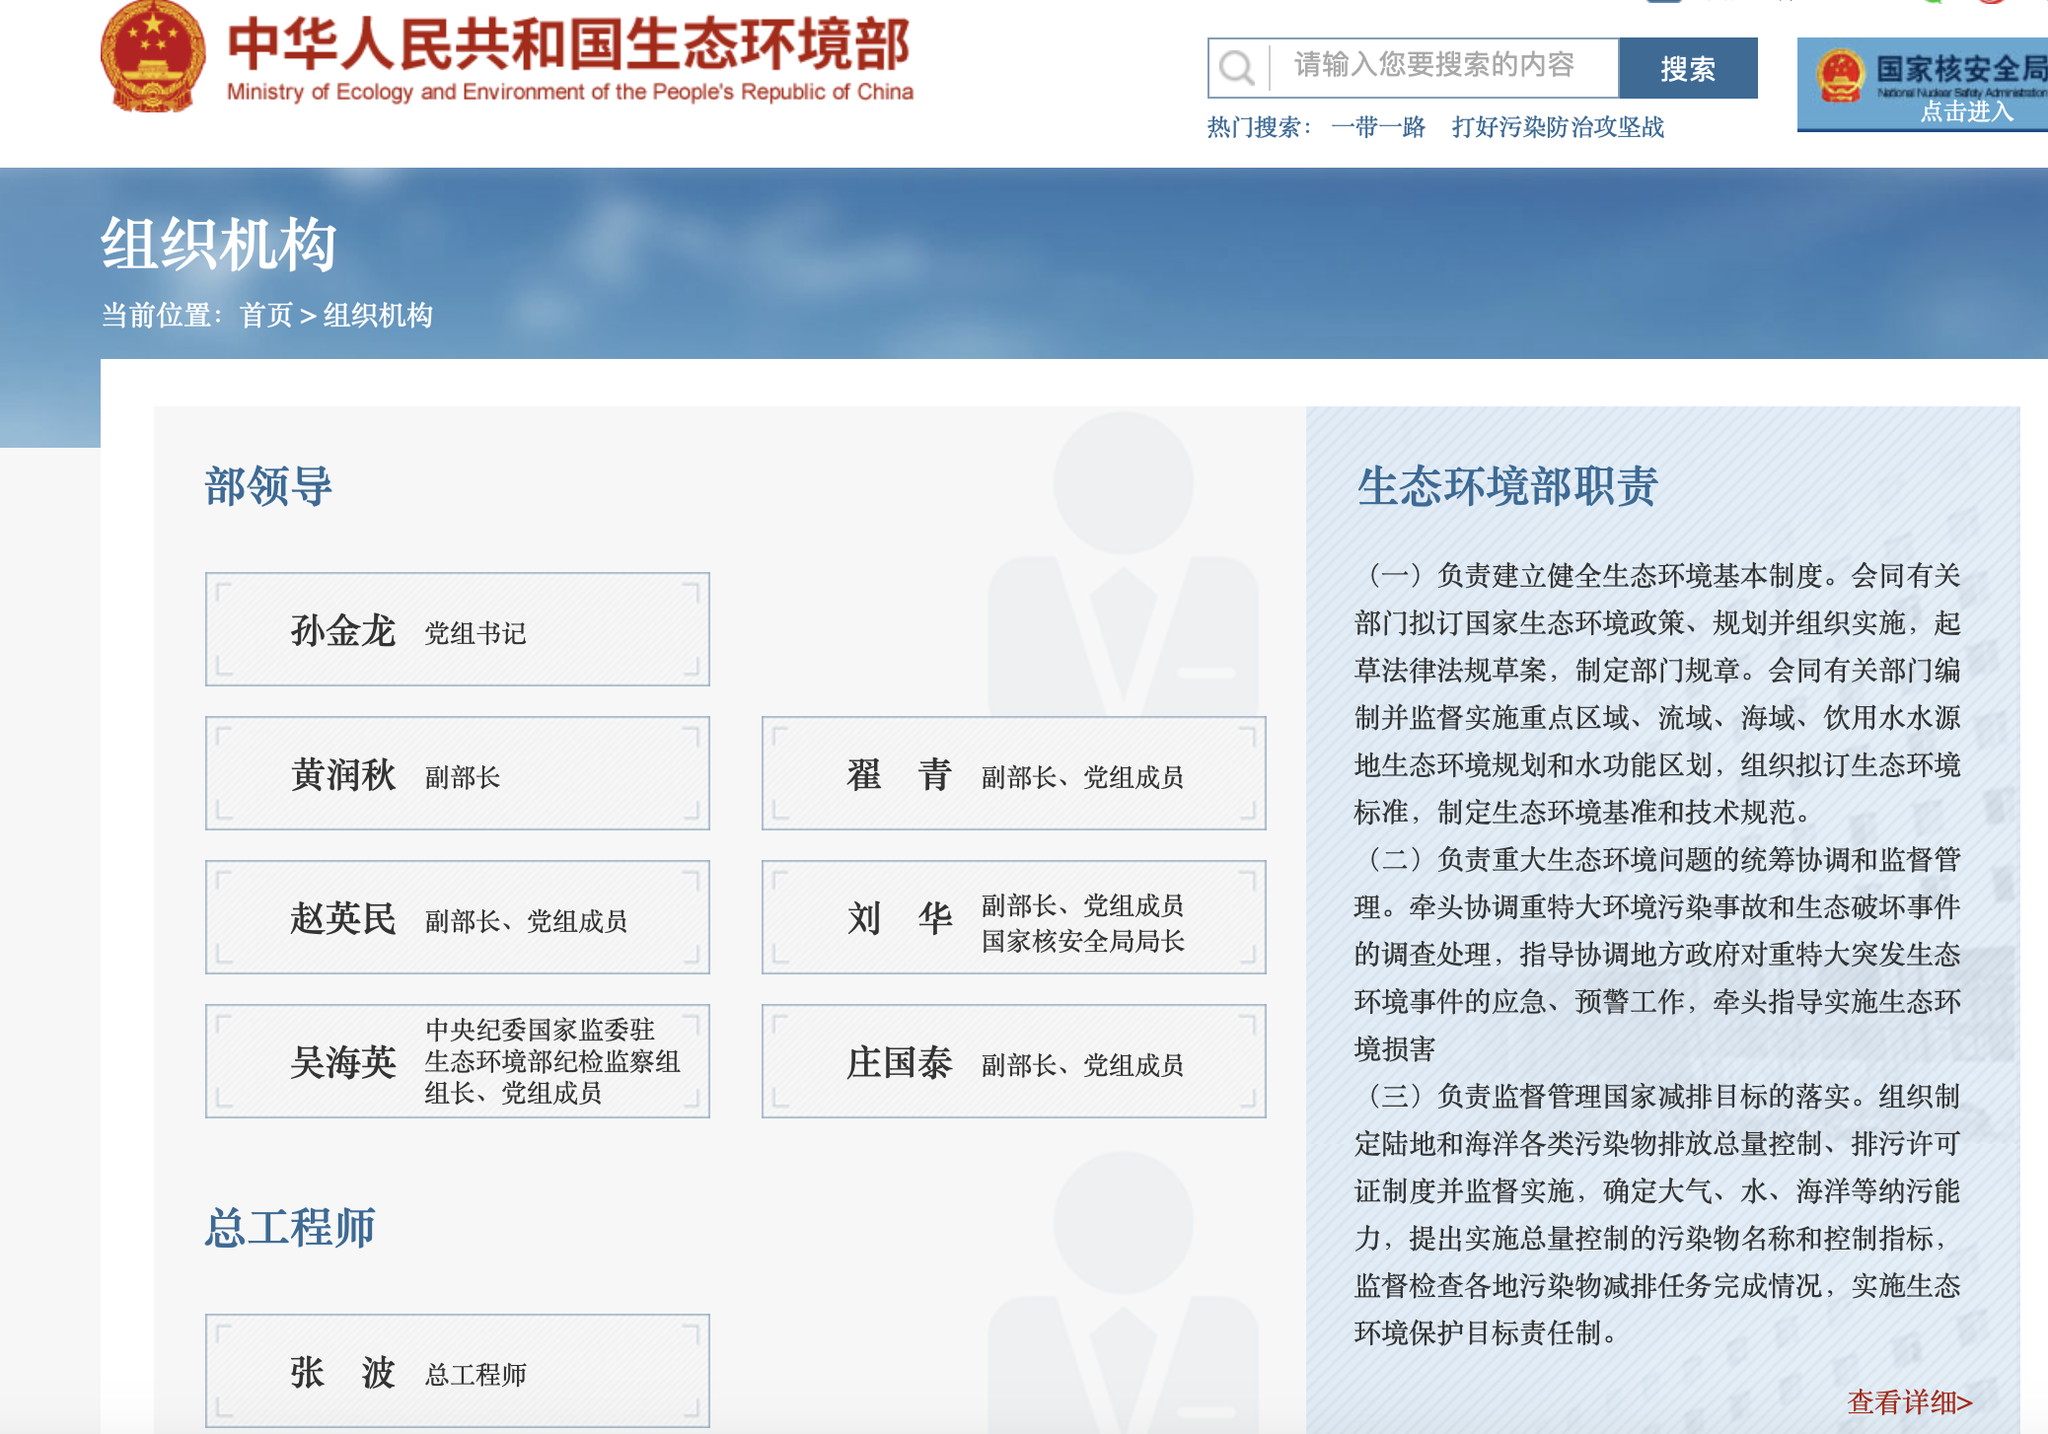 李干杰已任山东省政府党组书记图片